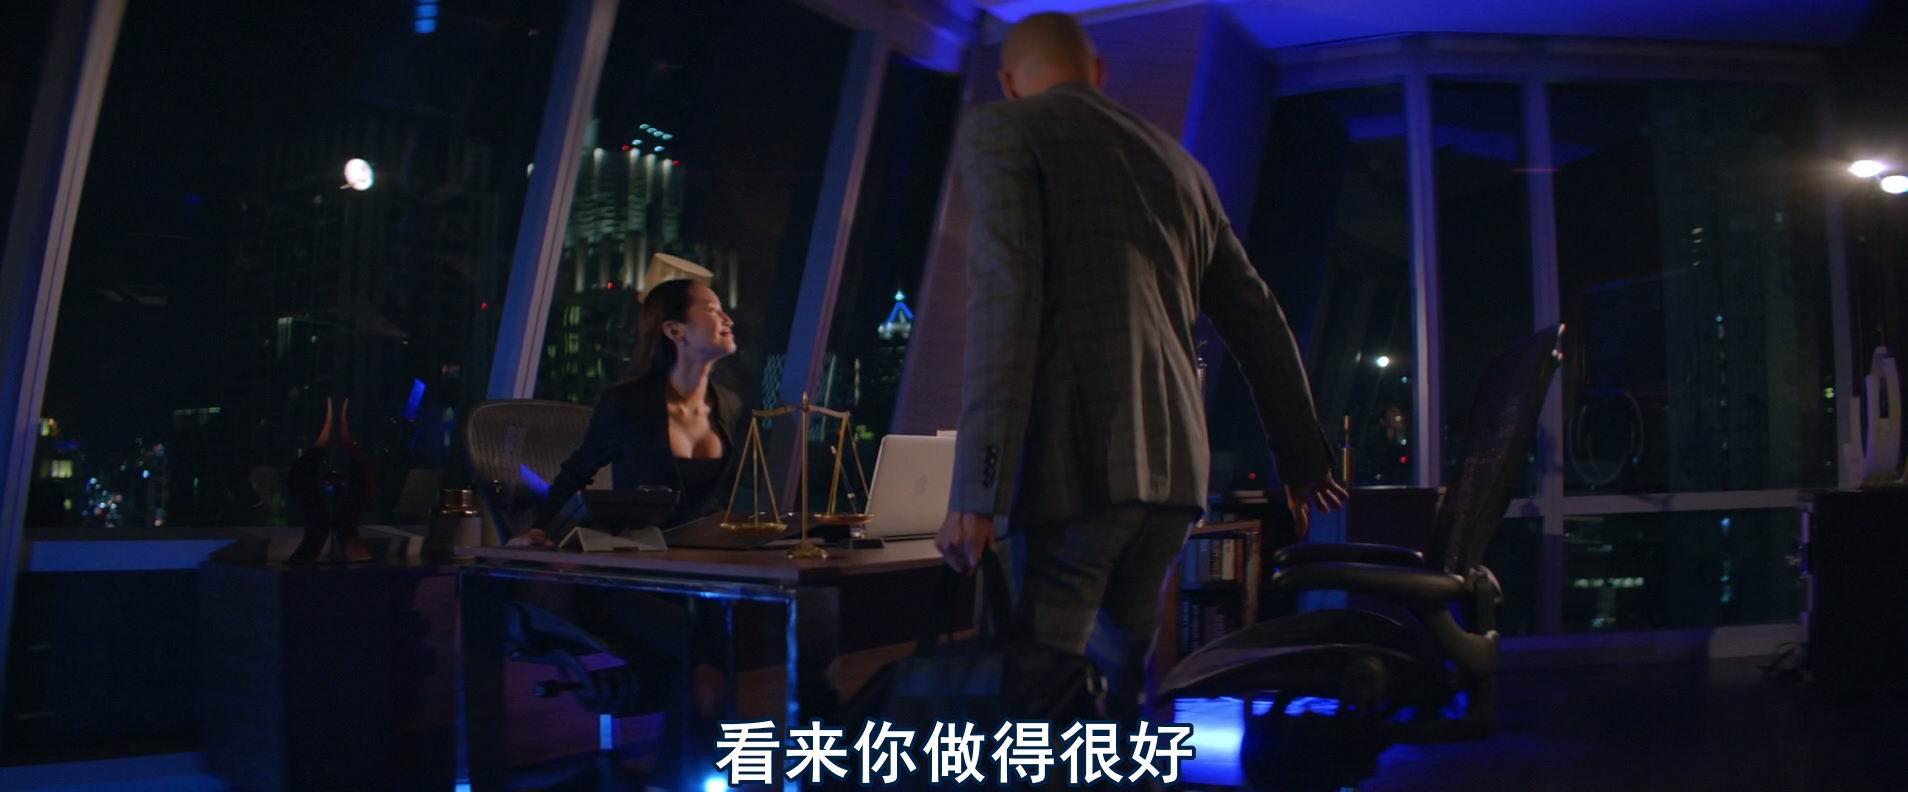 [曼谷复仇夜][WEB-MKV/2.2G][英语中字][2020新片/1080p]